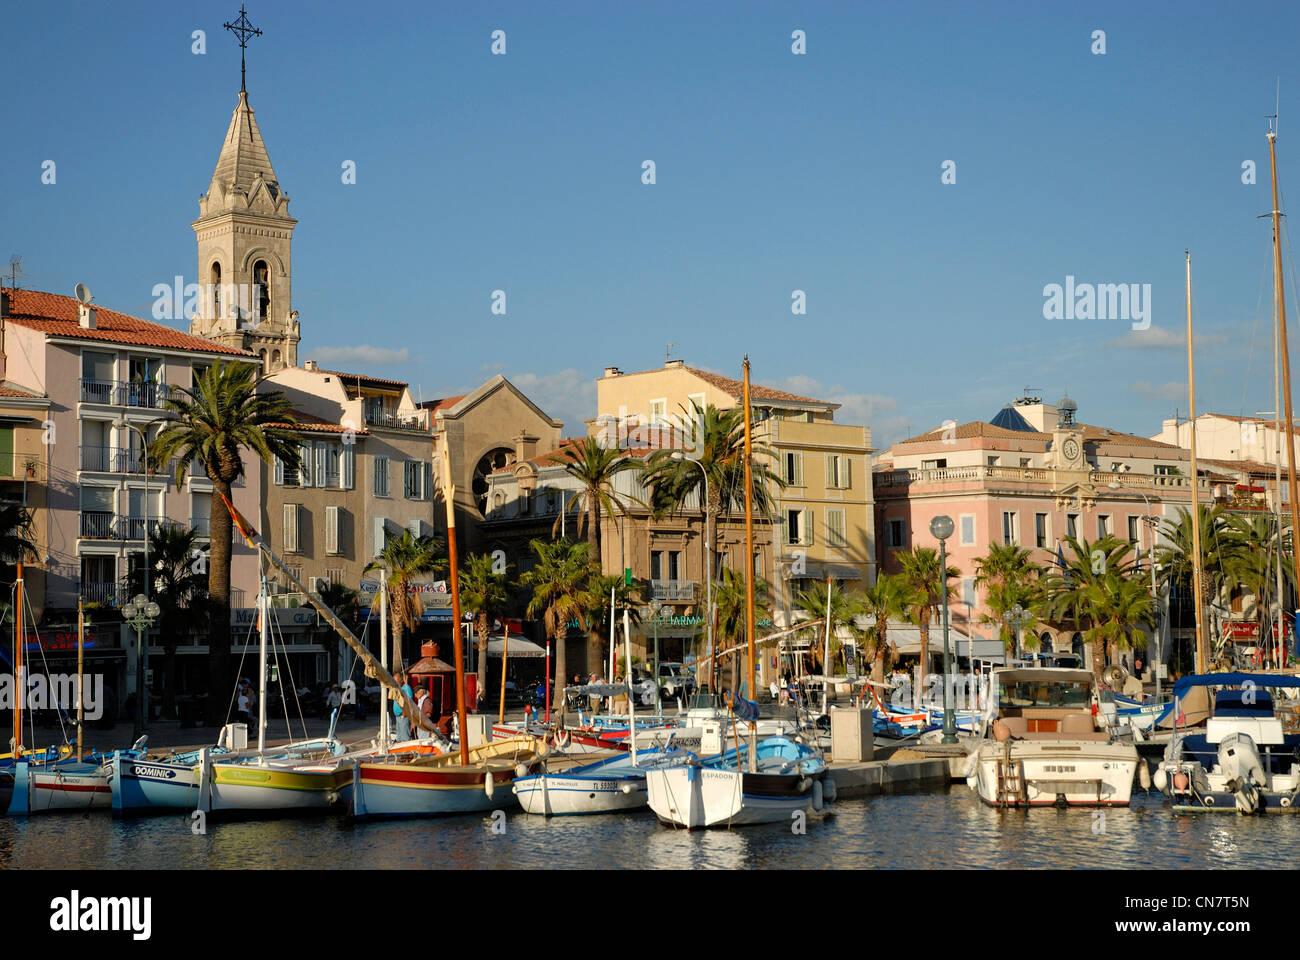 La France, Var, Sanary, le port, des filets, des bateaux de pêche traditionnels, Photo Stock